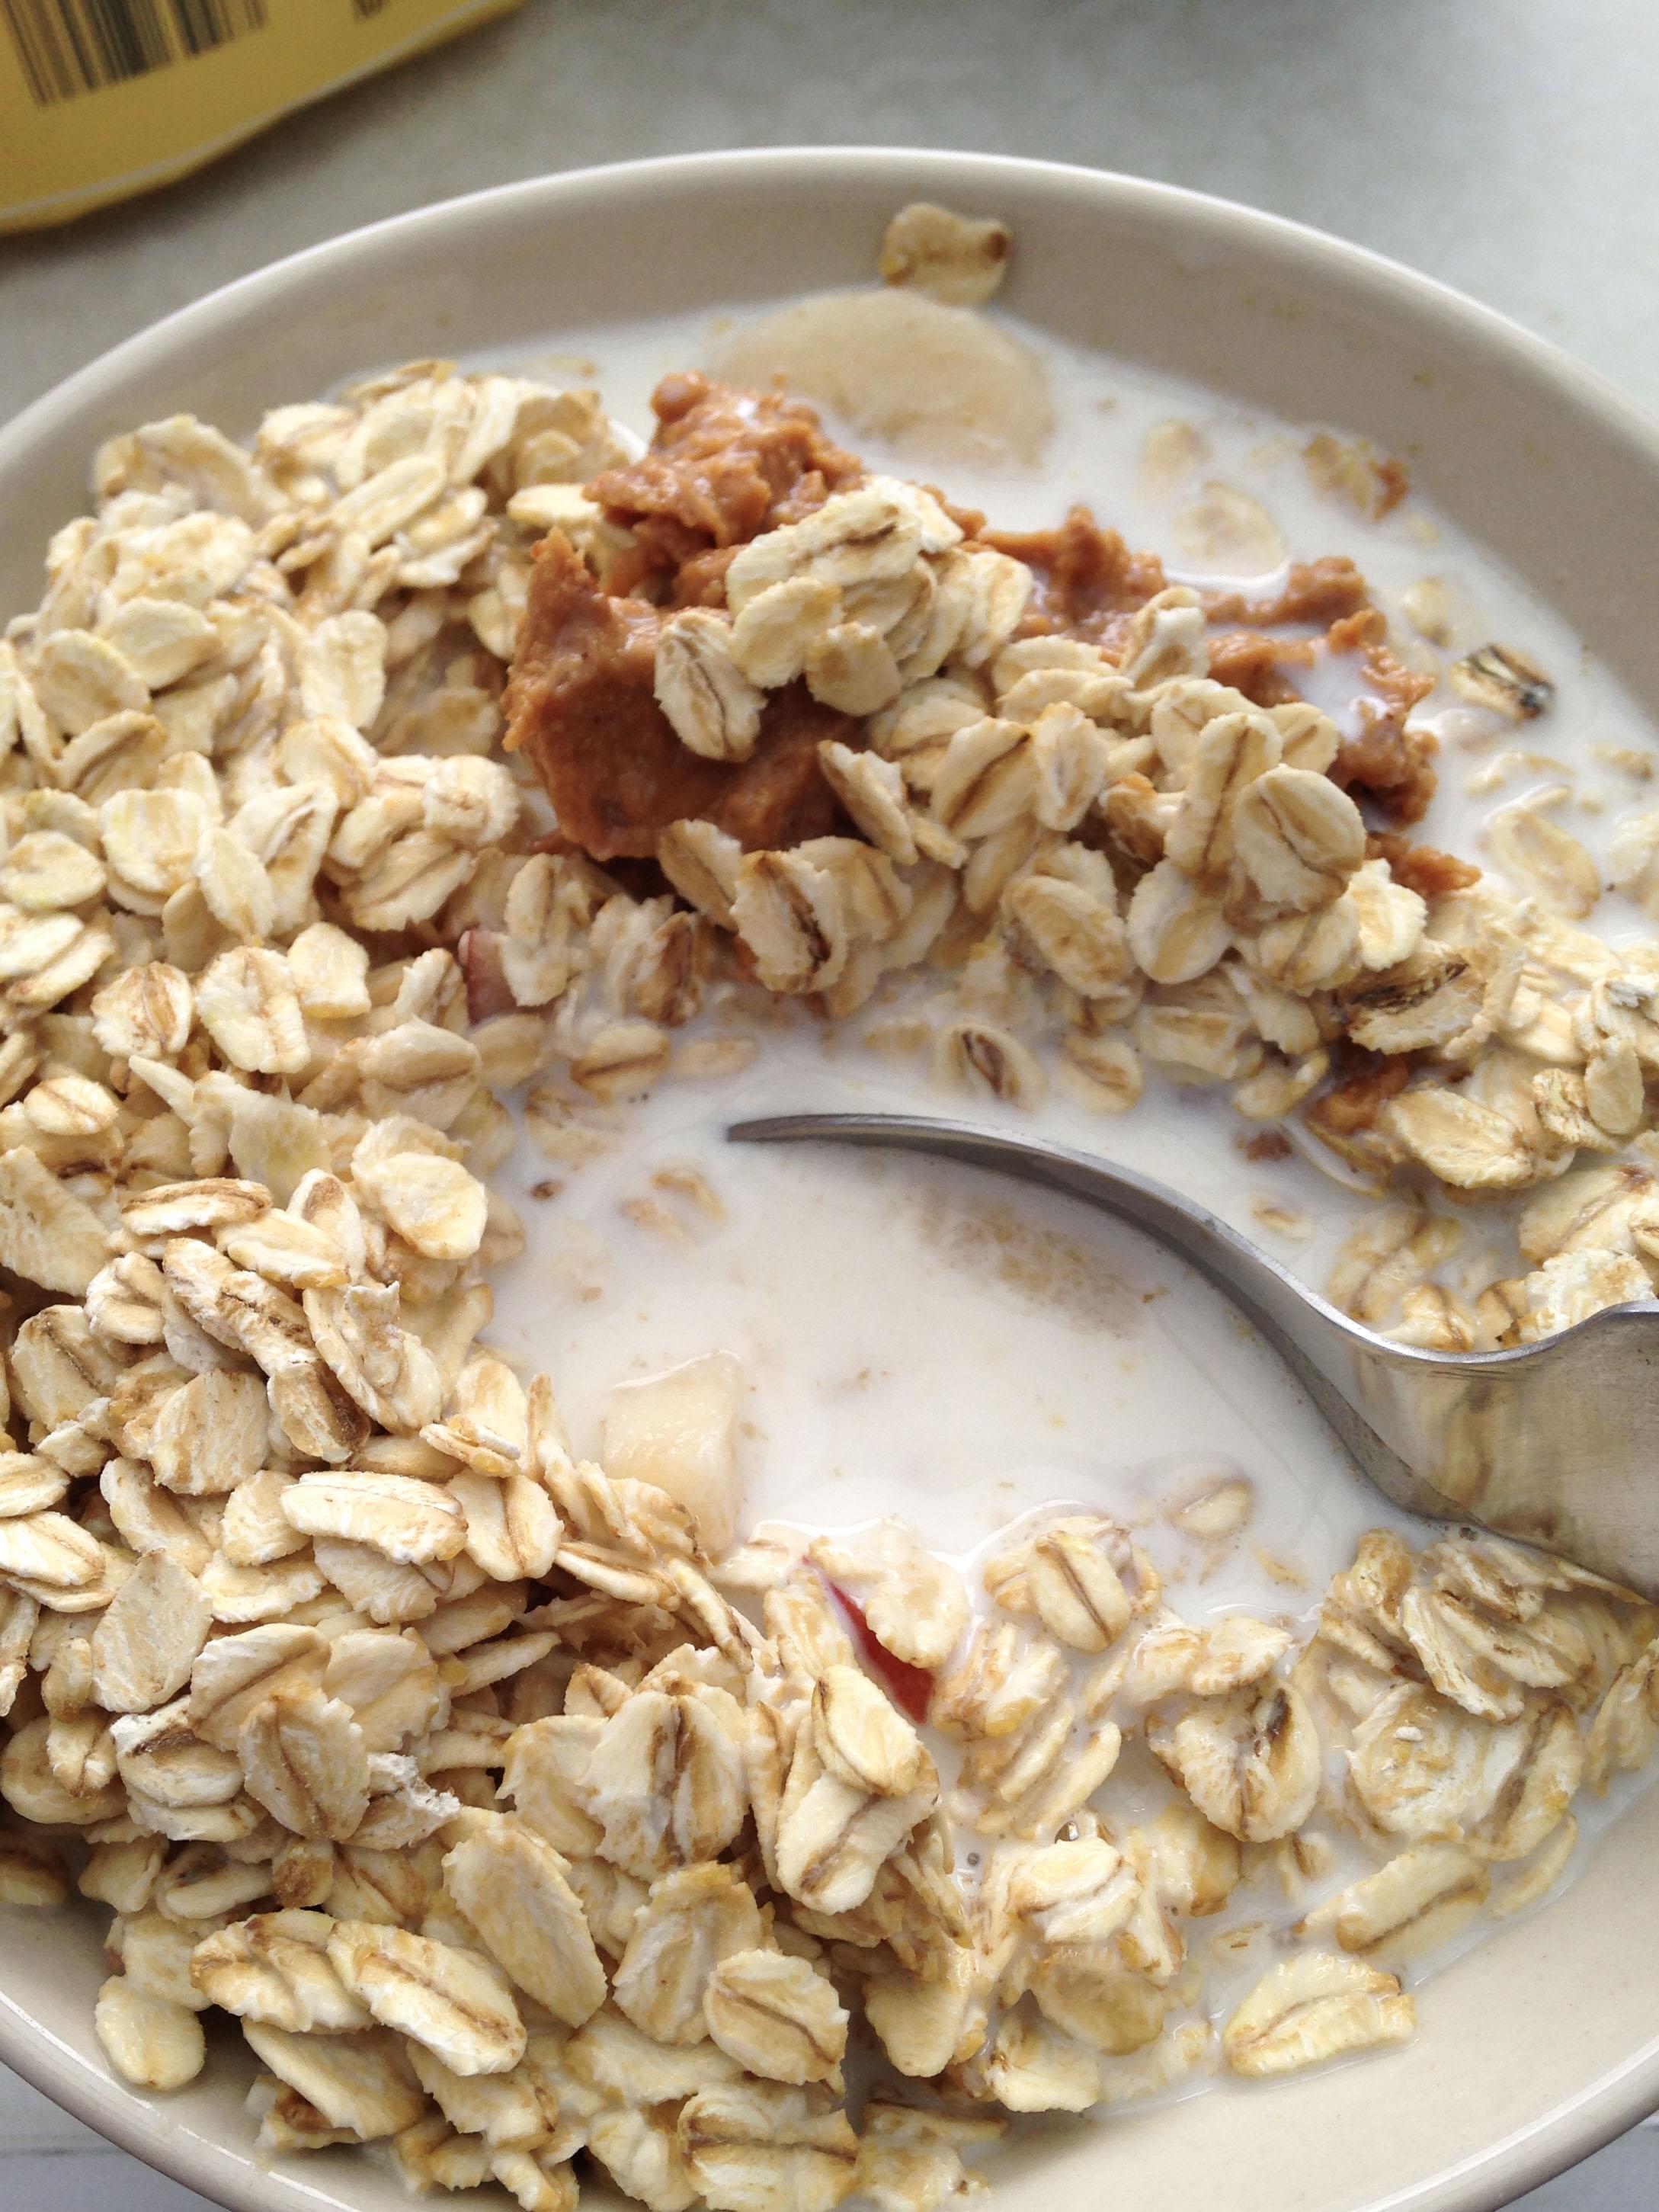 Lieblingsfrühstück beim Campen - Haferflocken mit Banane, Peanutbutter & Milch